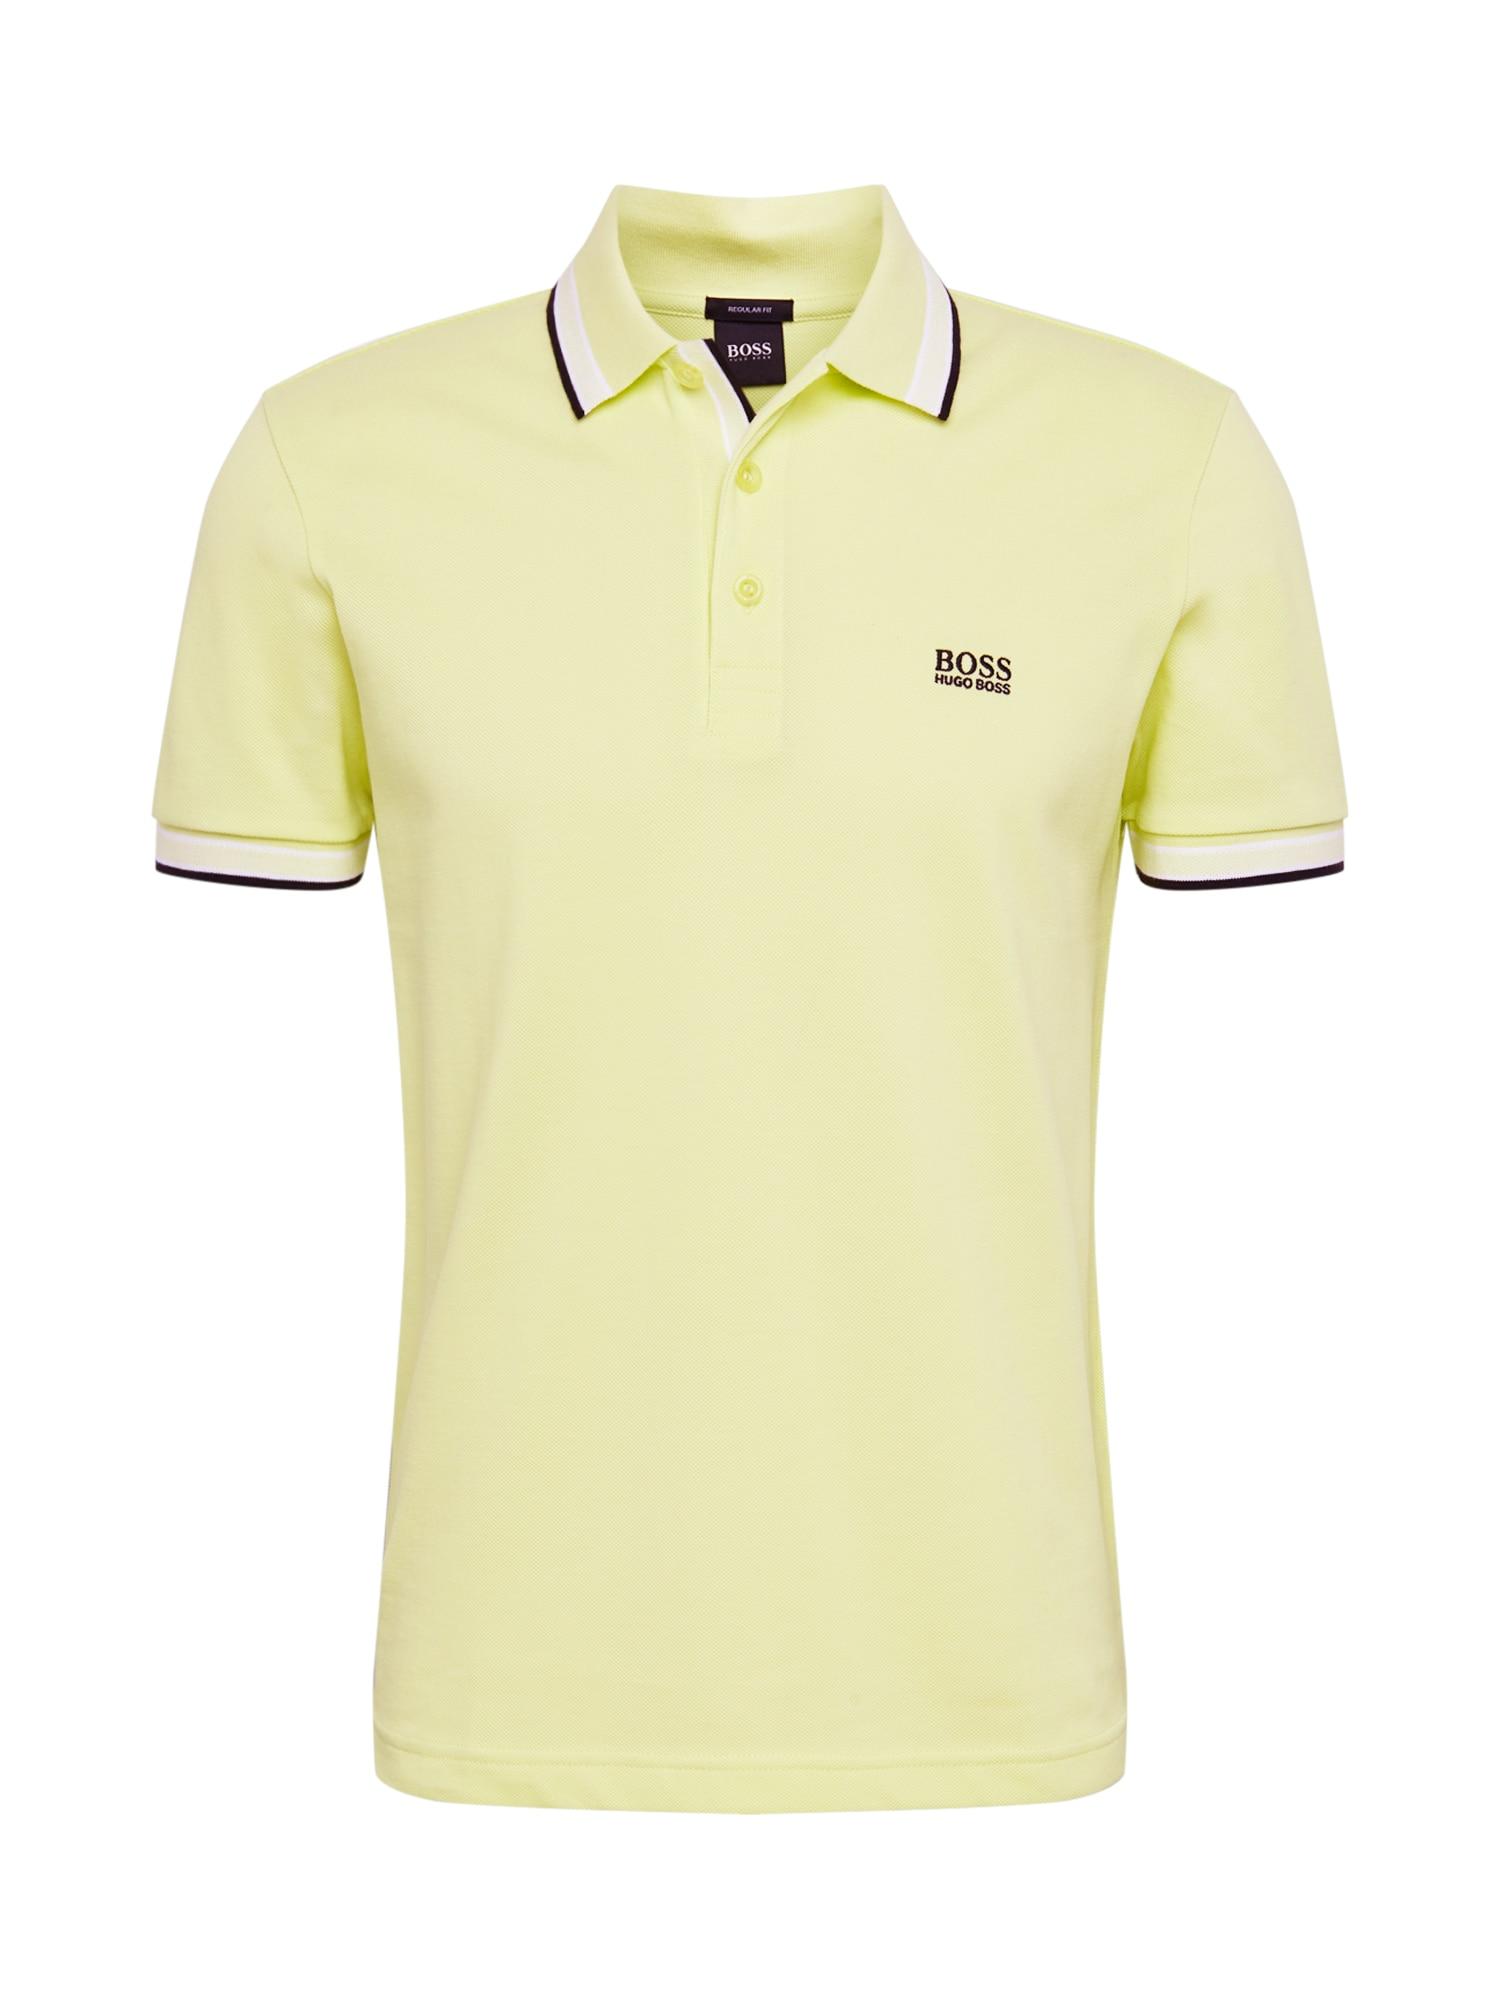 BOSS ATHLEISURE Marškinėliai 'Paddy' geltonosios citrinos spalva